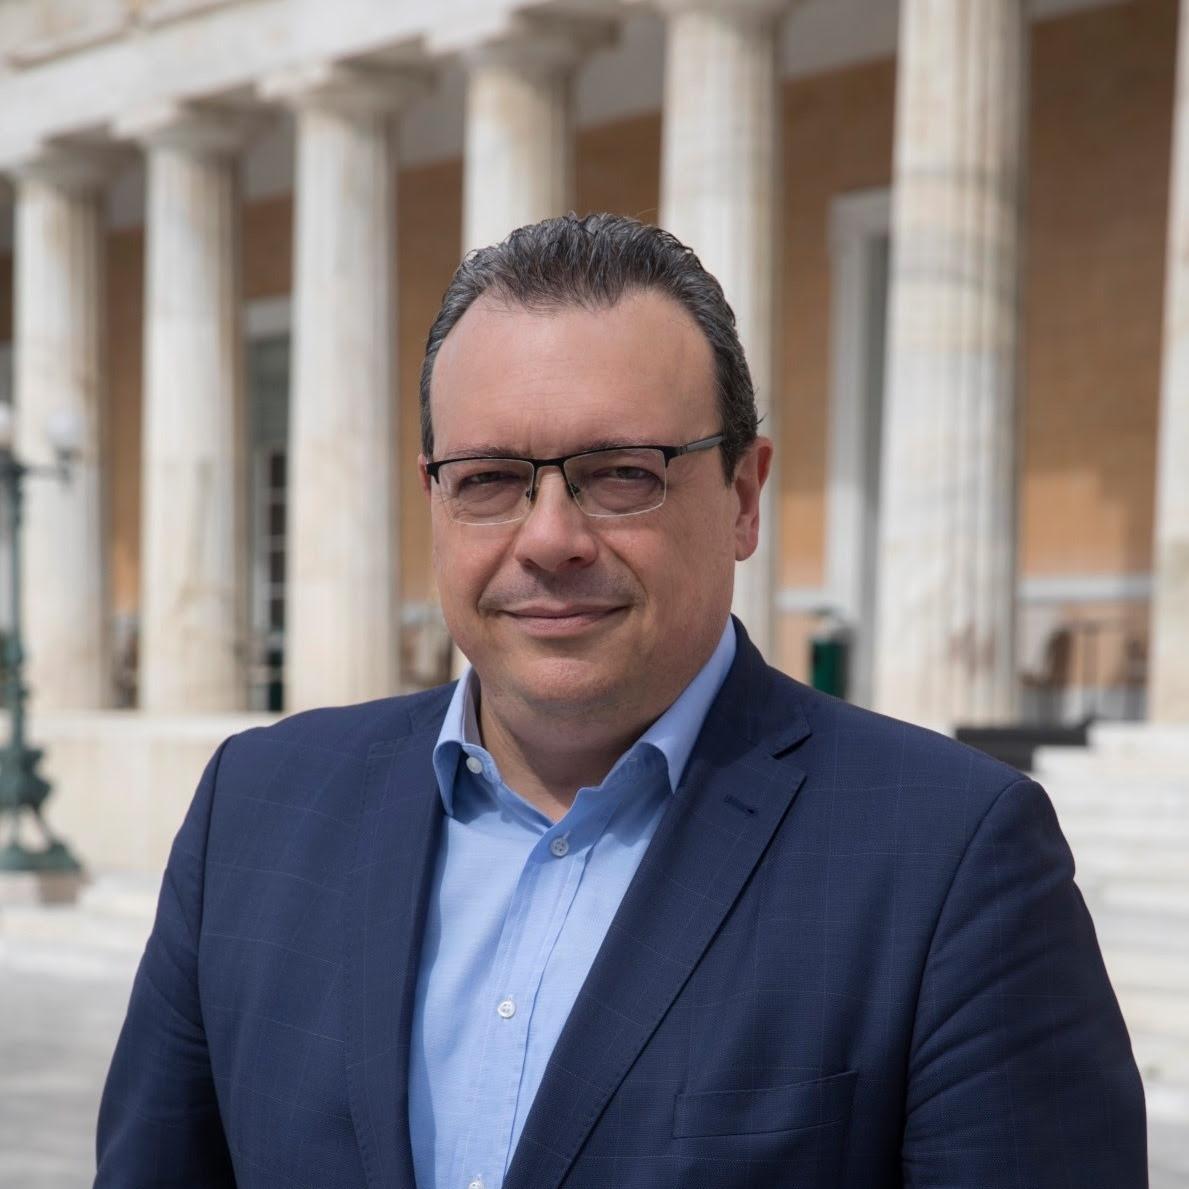 Ο Σωκράτης Φάμελλος, Βουλευτής  ΣΥΡΙΖΑ αρθρογραφεί στο greekschannel.